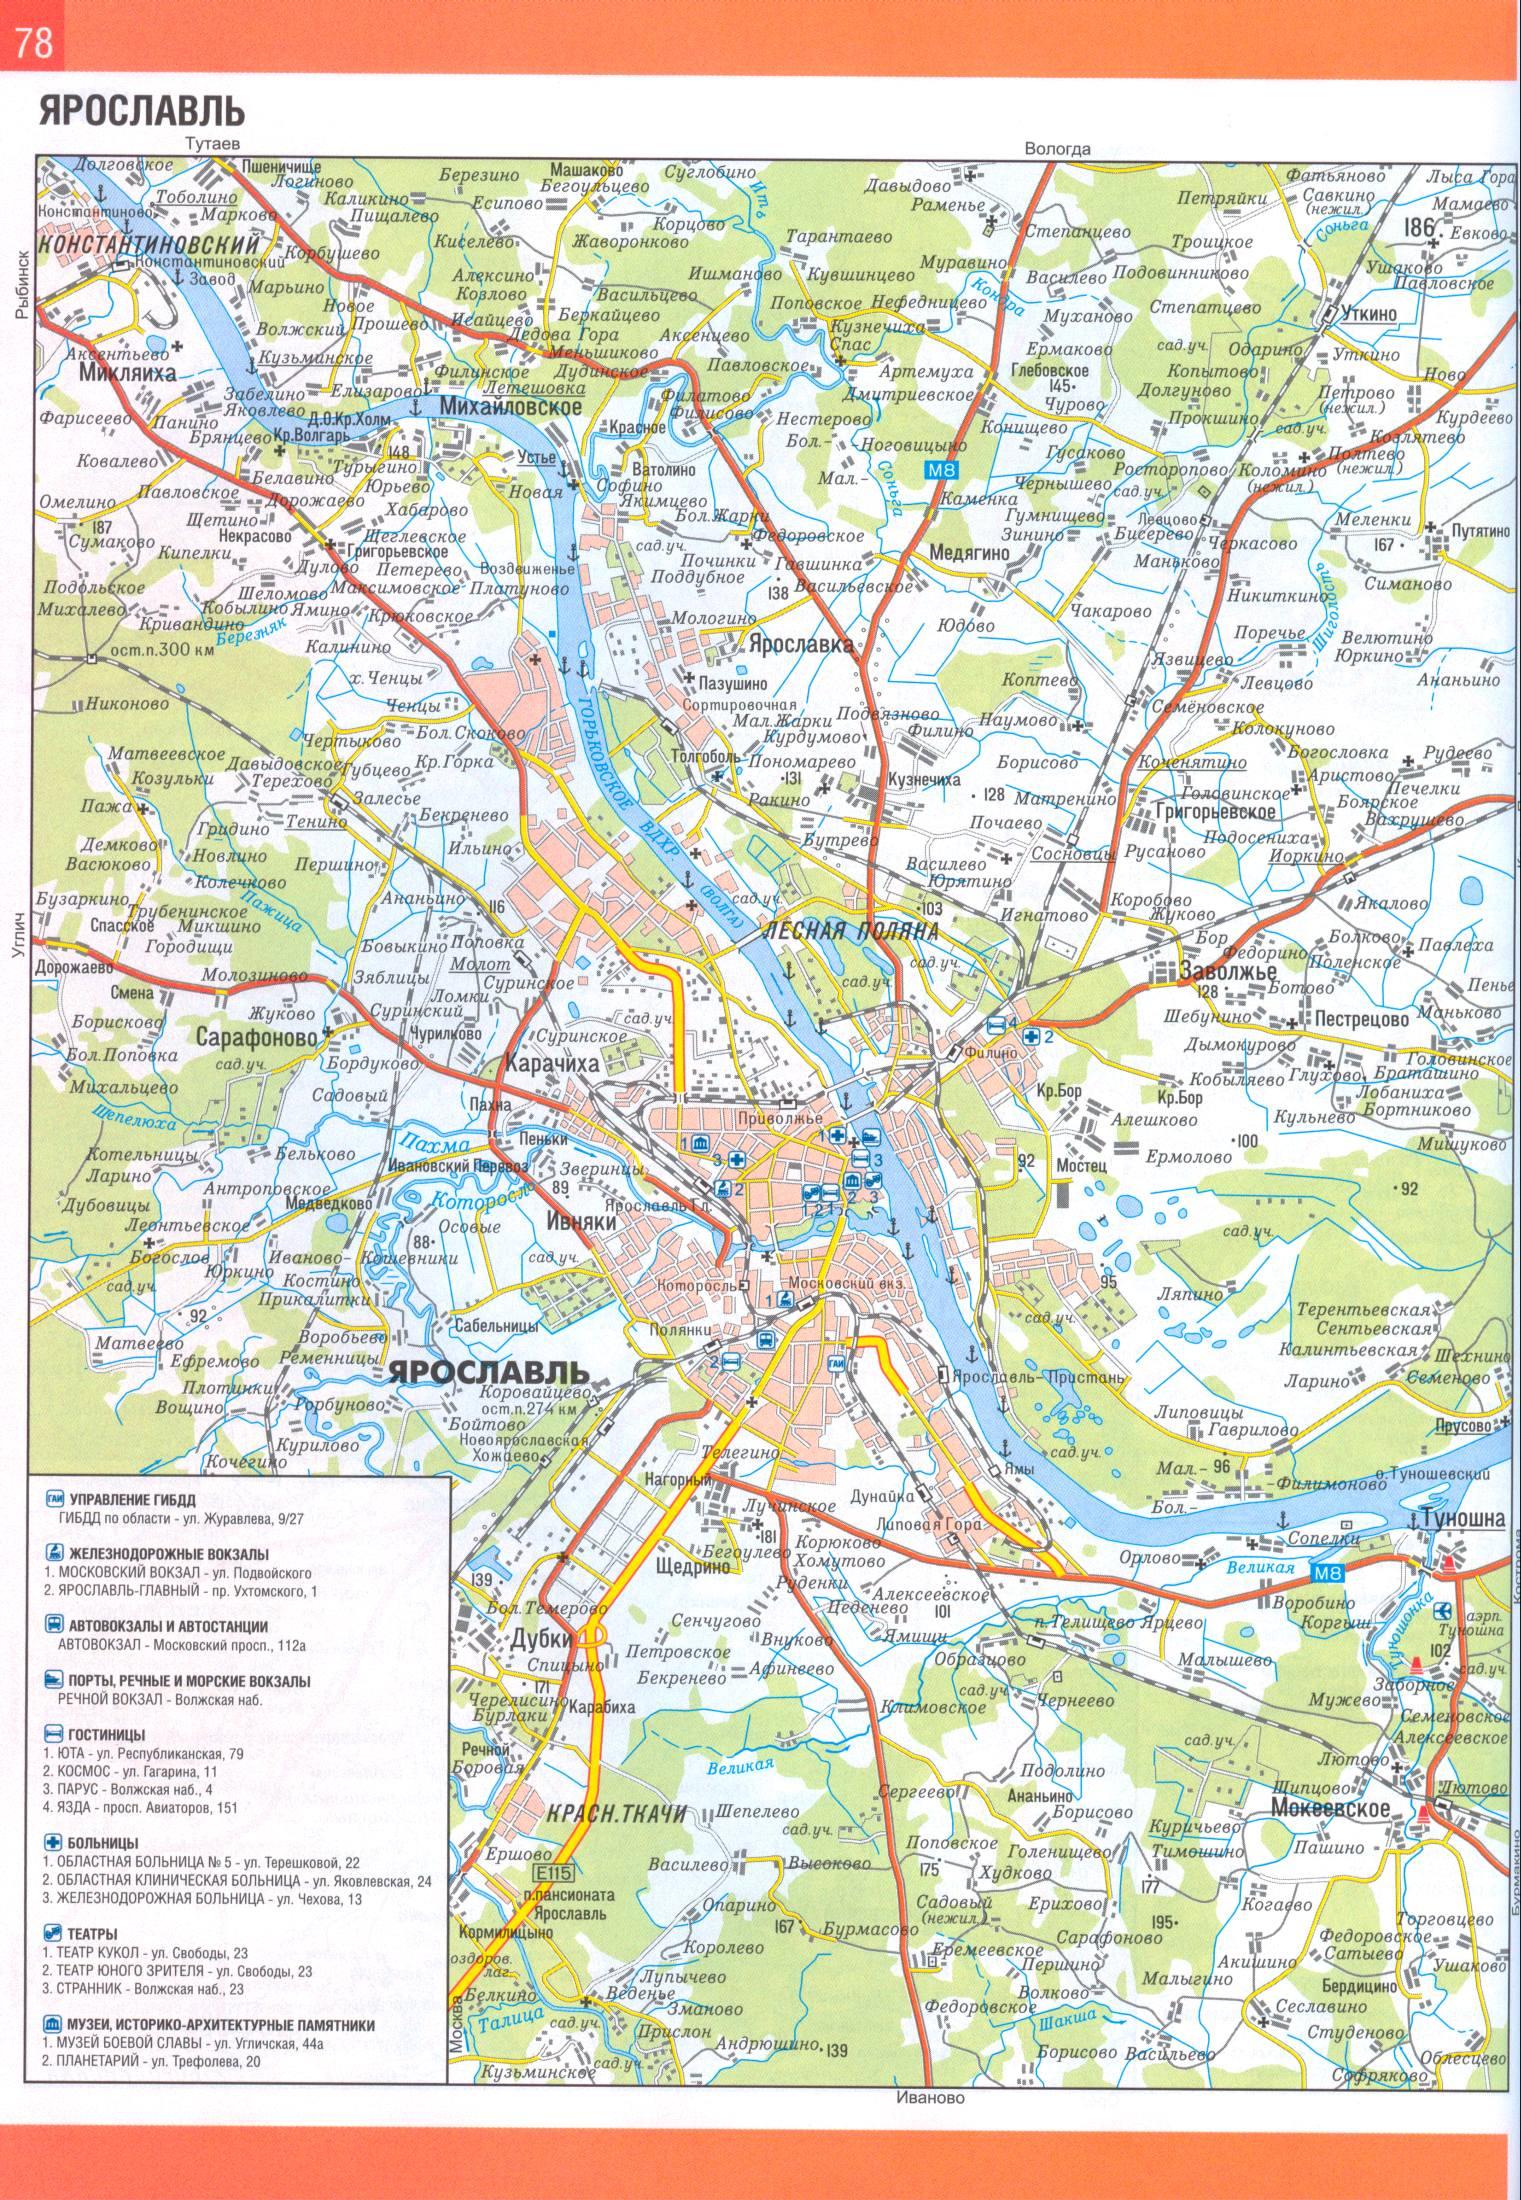 Карта ярославль схема